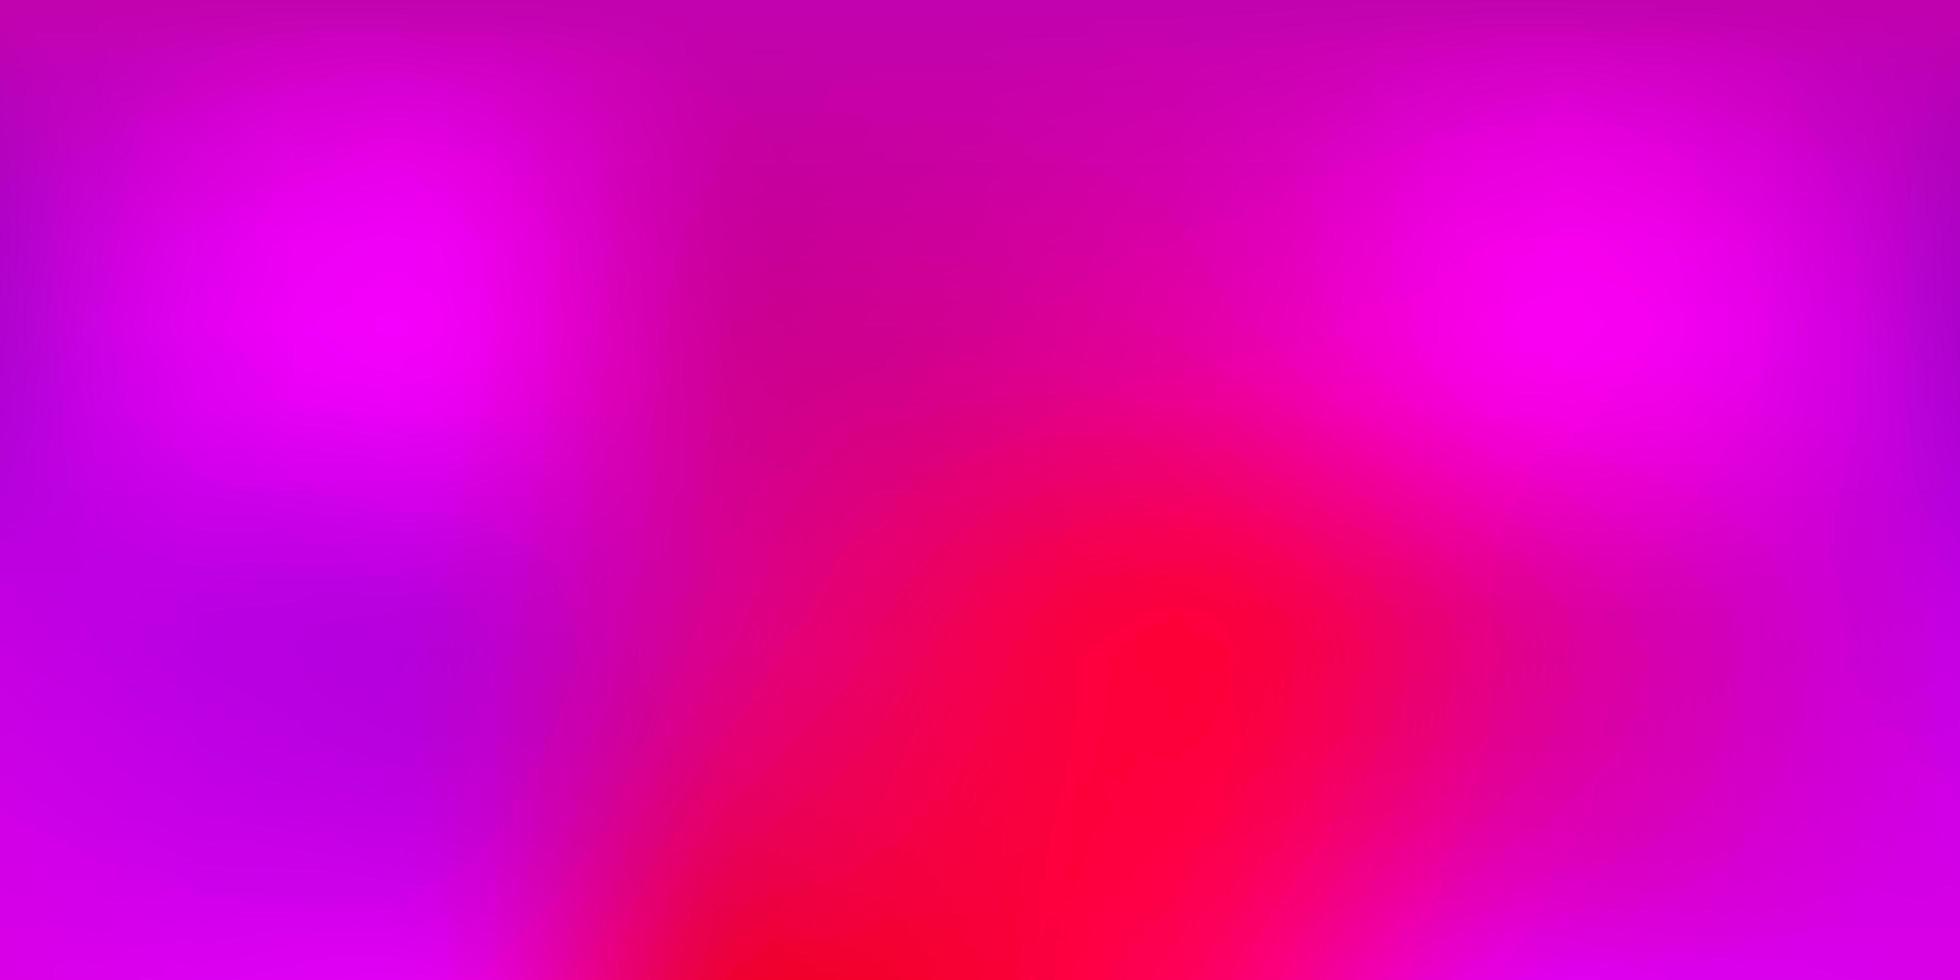 fundo desfocado vector roxo, rosa escuro.